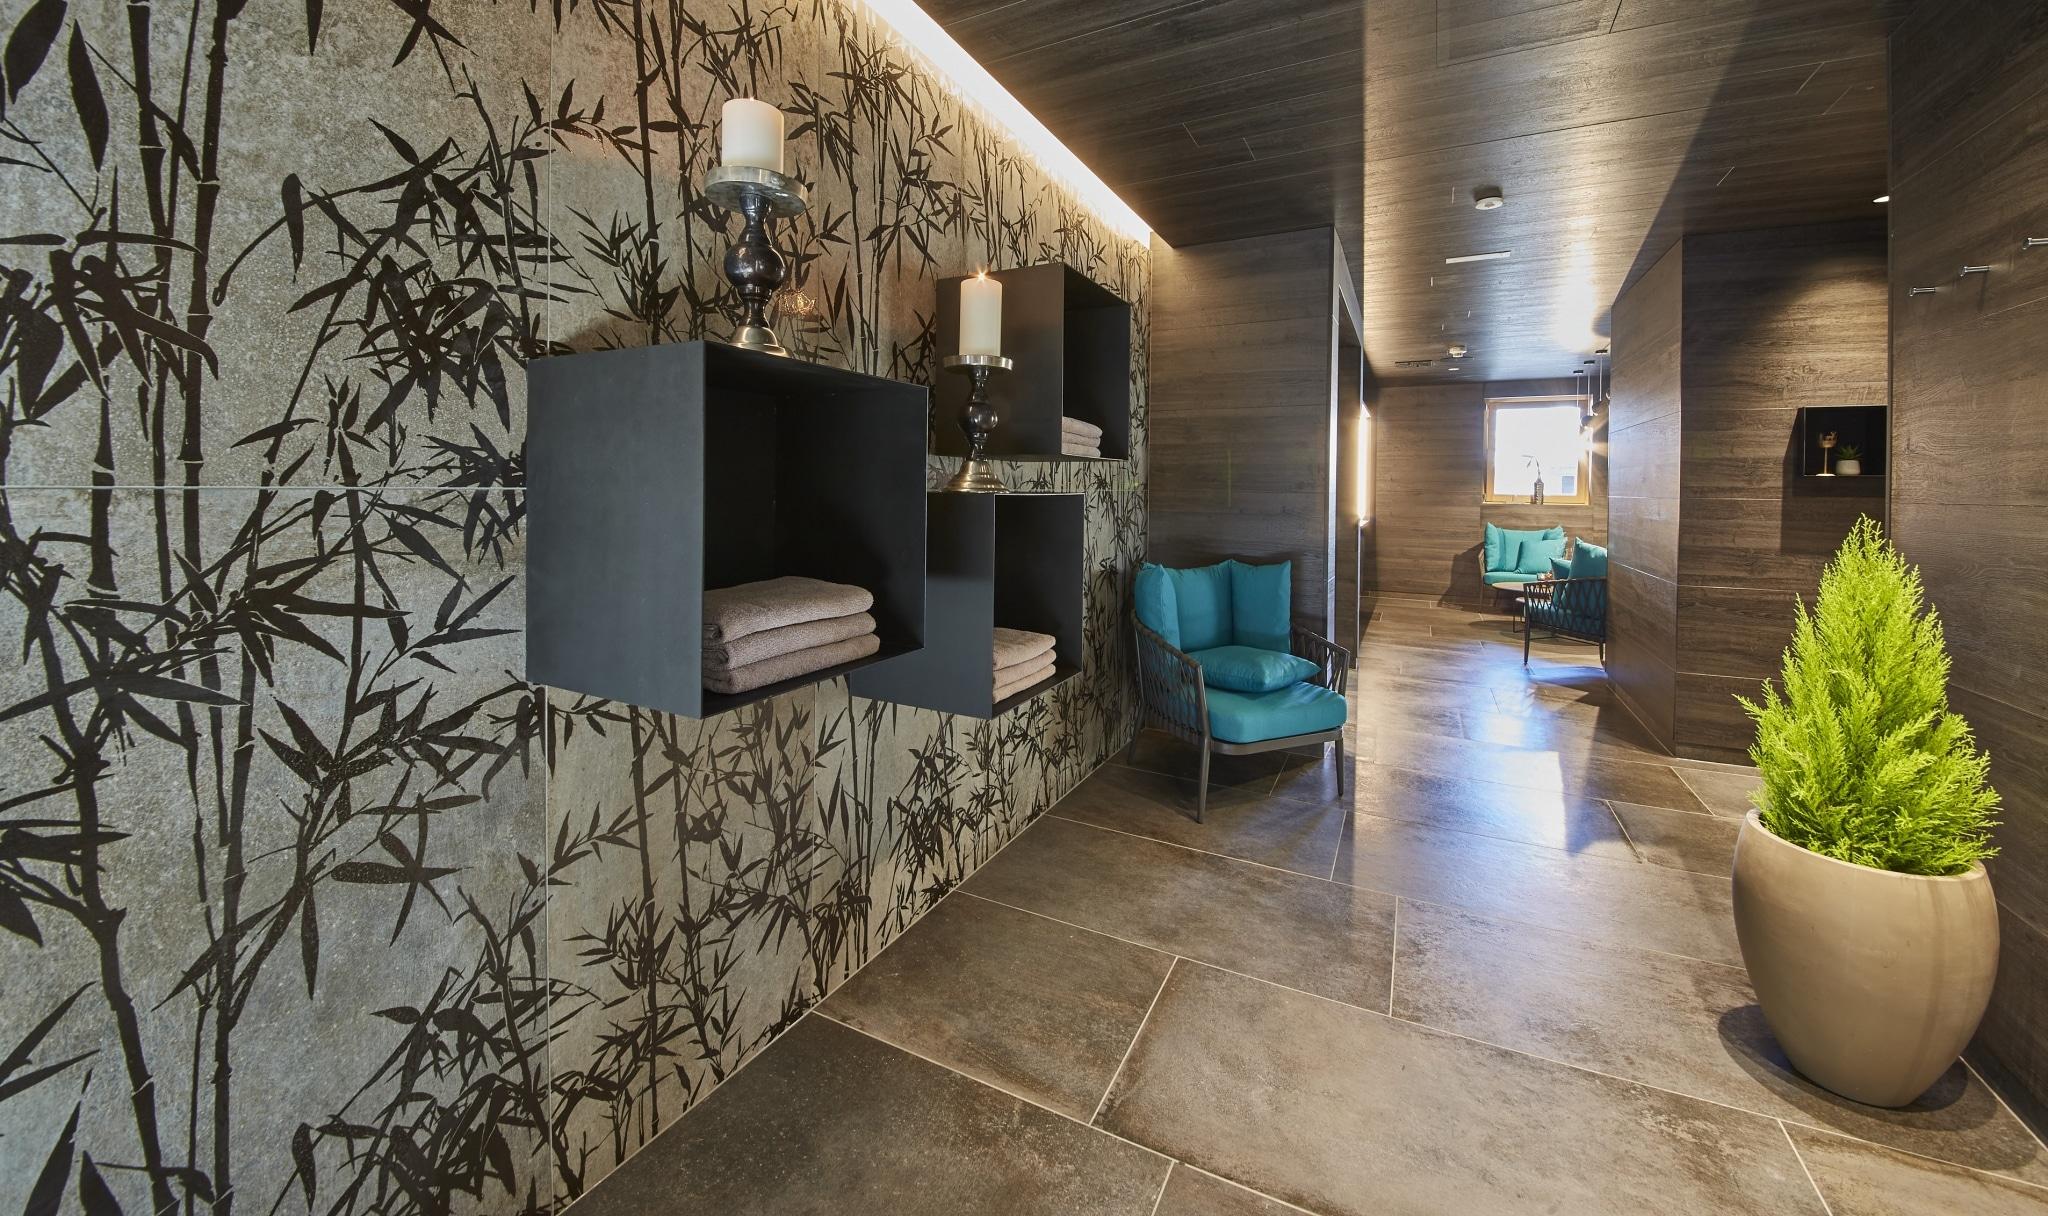 Spa Bereich mit Stühlen, Wanddekorationen und einer grünen Pflanze